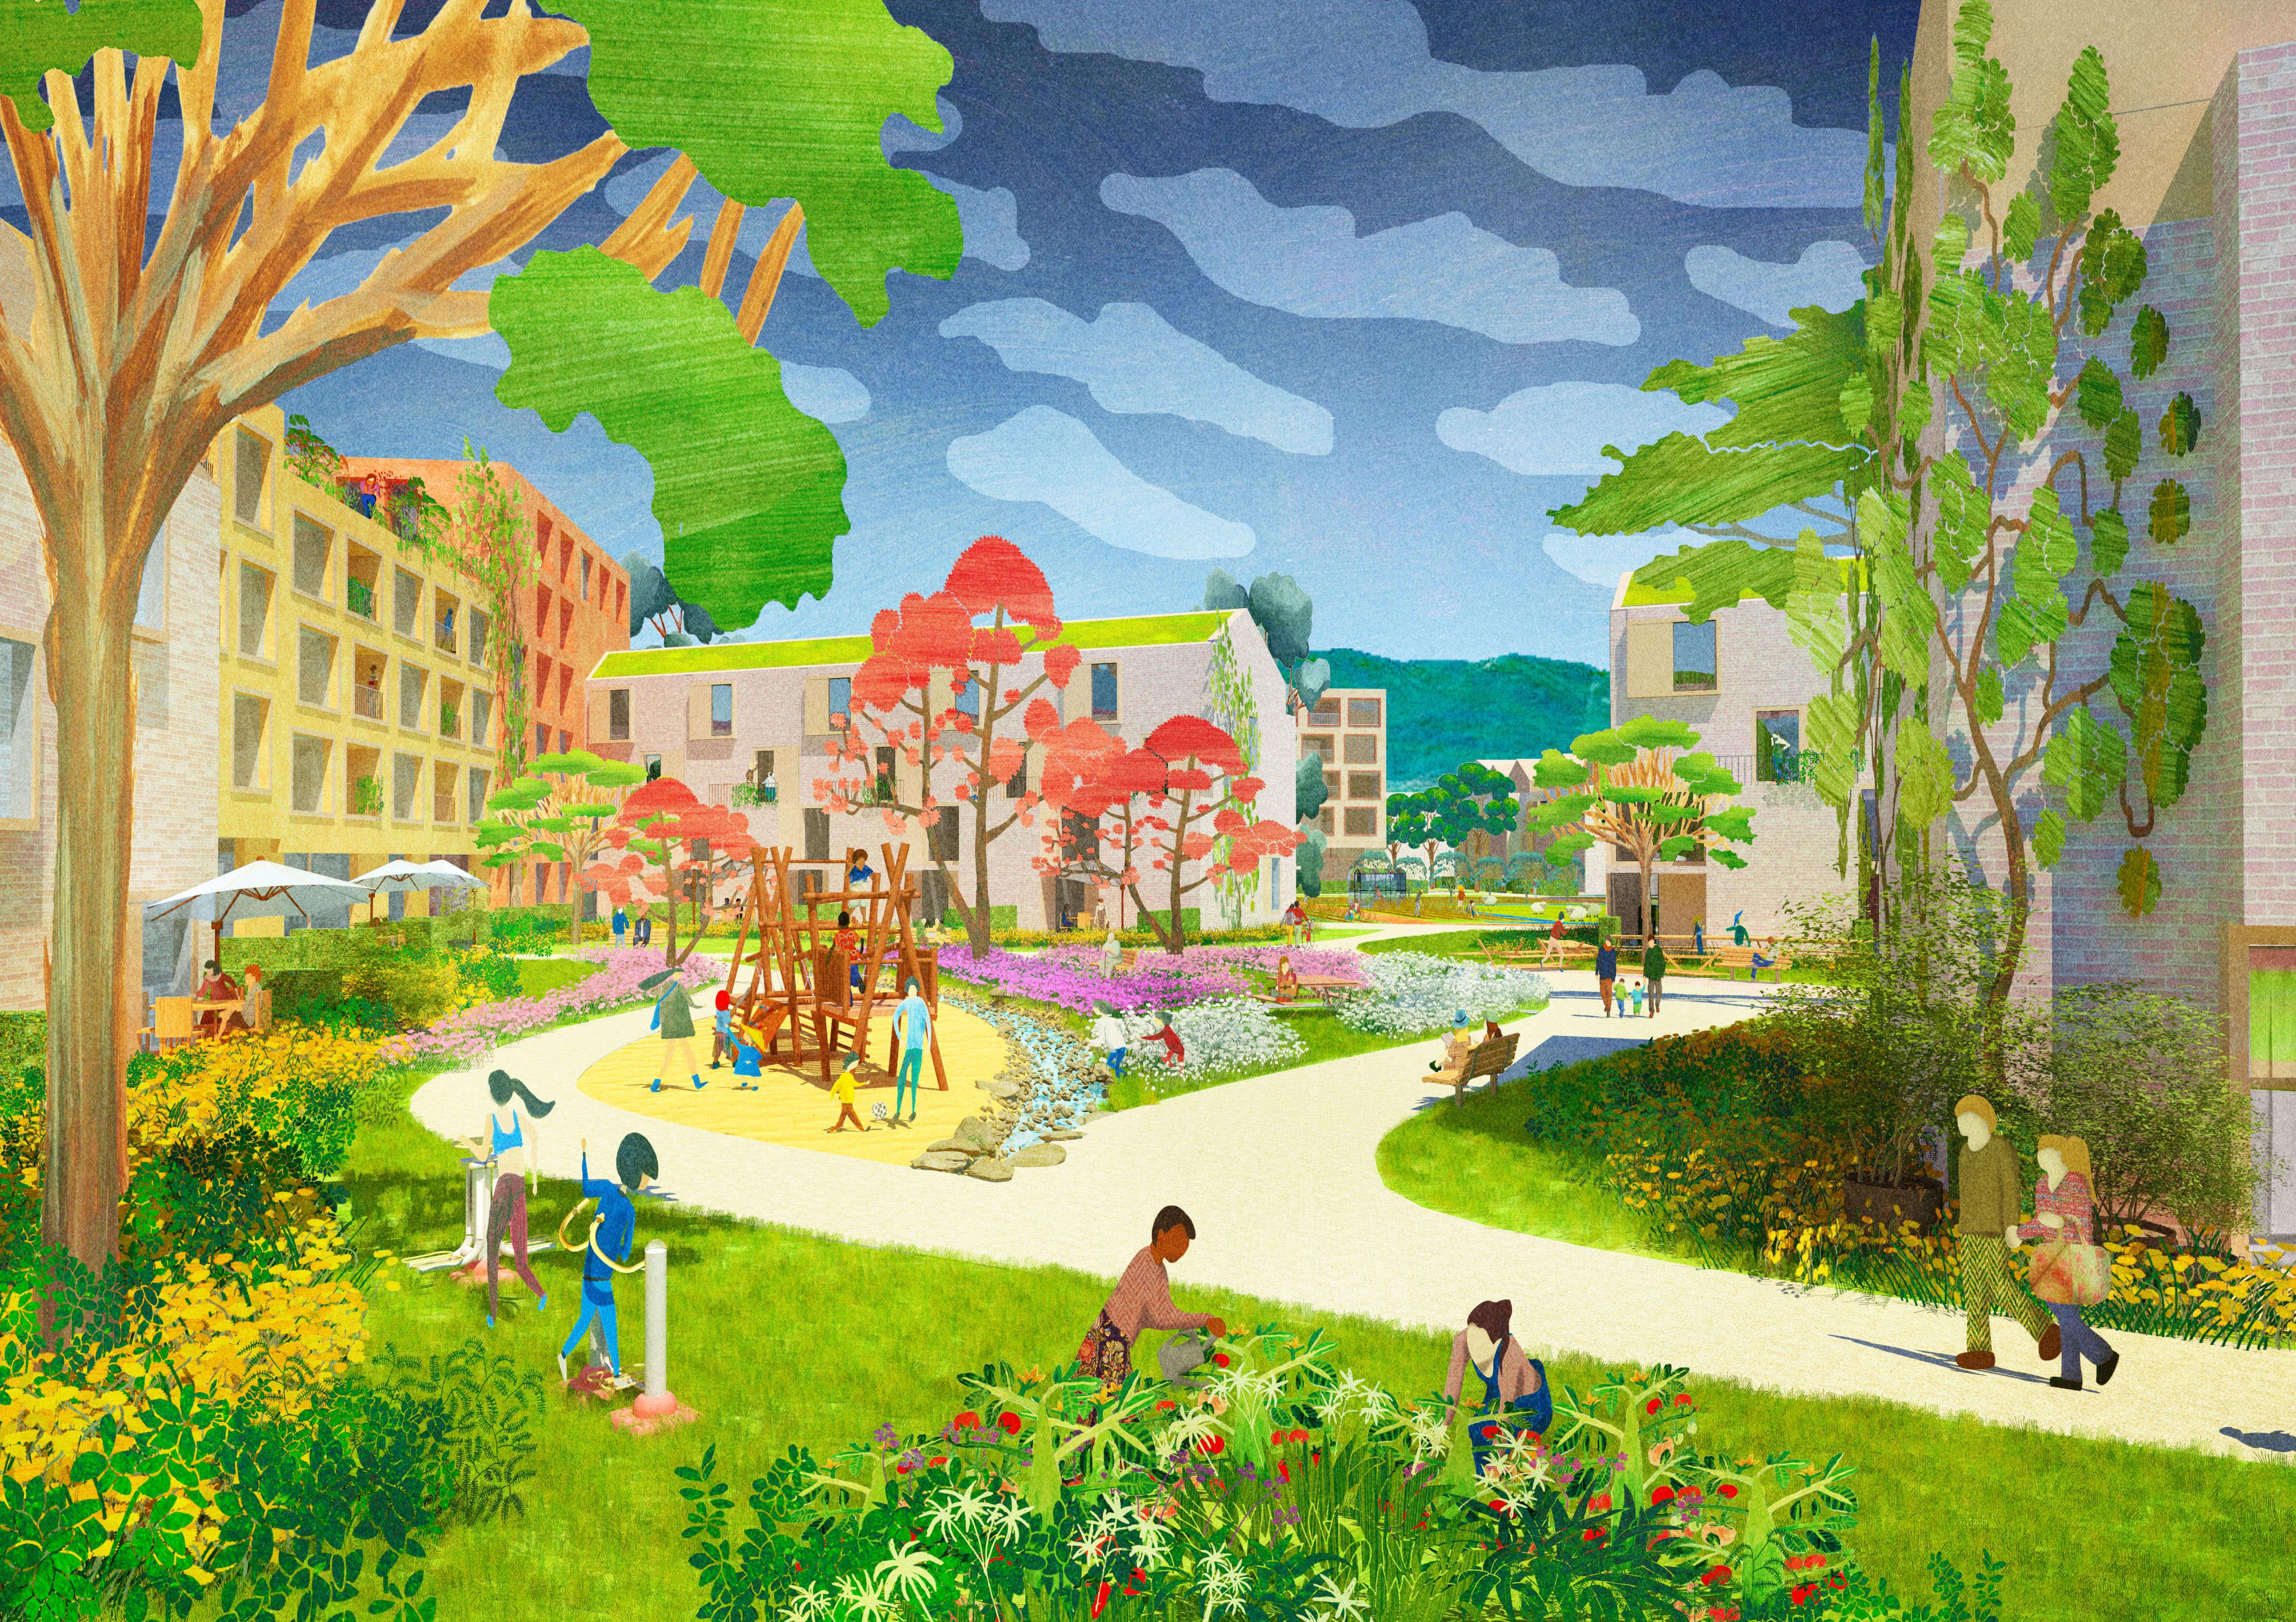 felixx-freiburg-courtyard.jpg